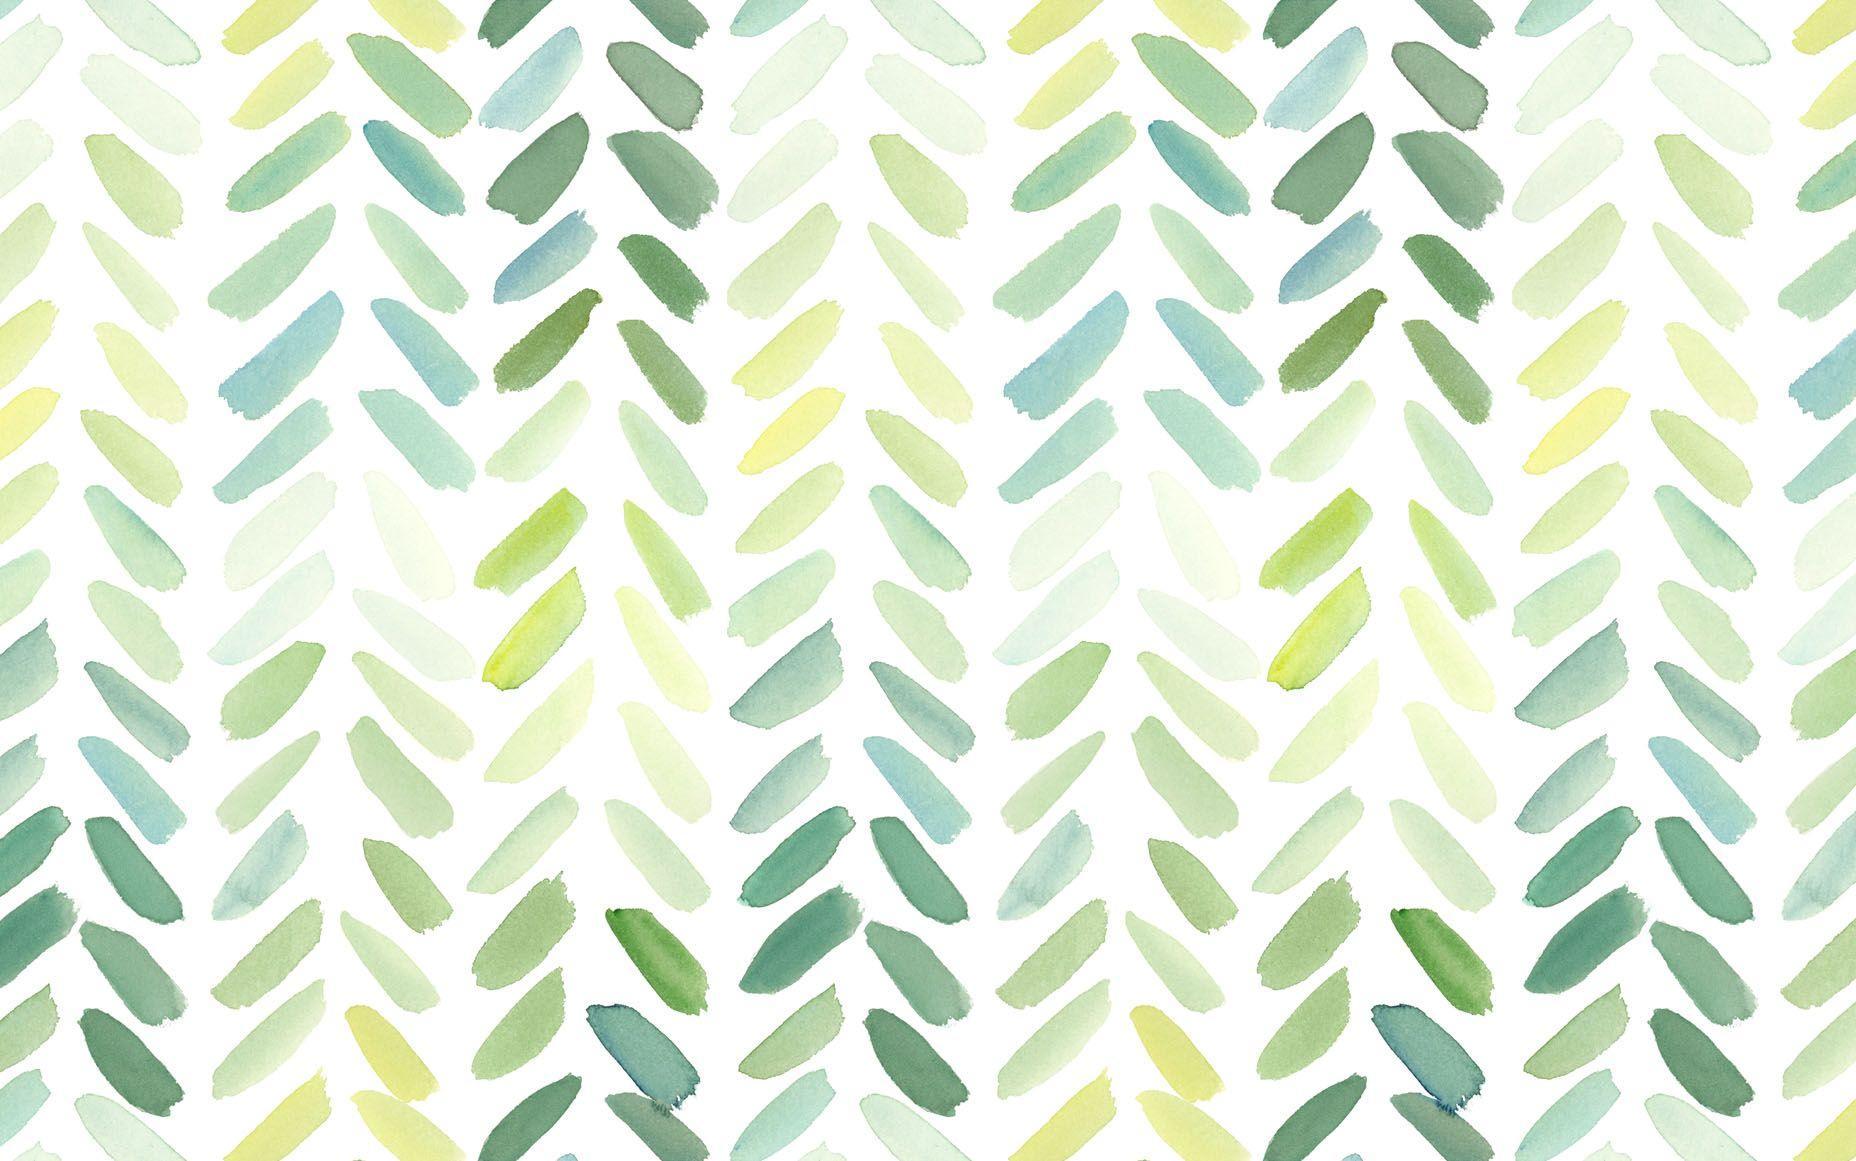 Tumblr Pattern Desktop Wallpapers Top Free Tumblr Pattern